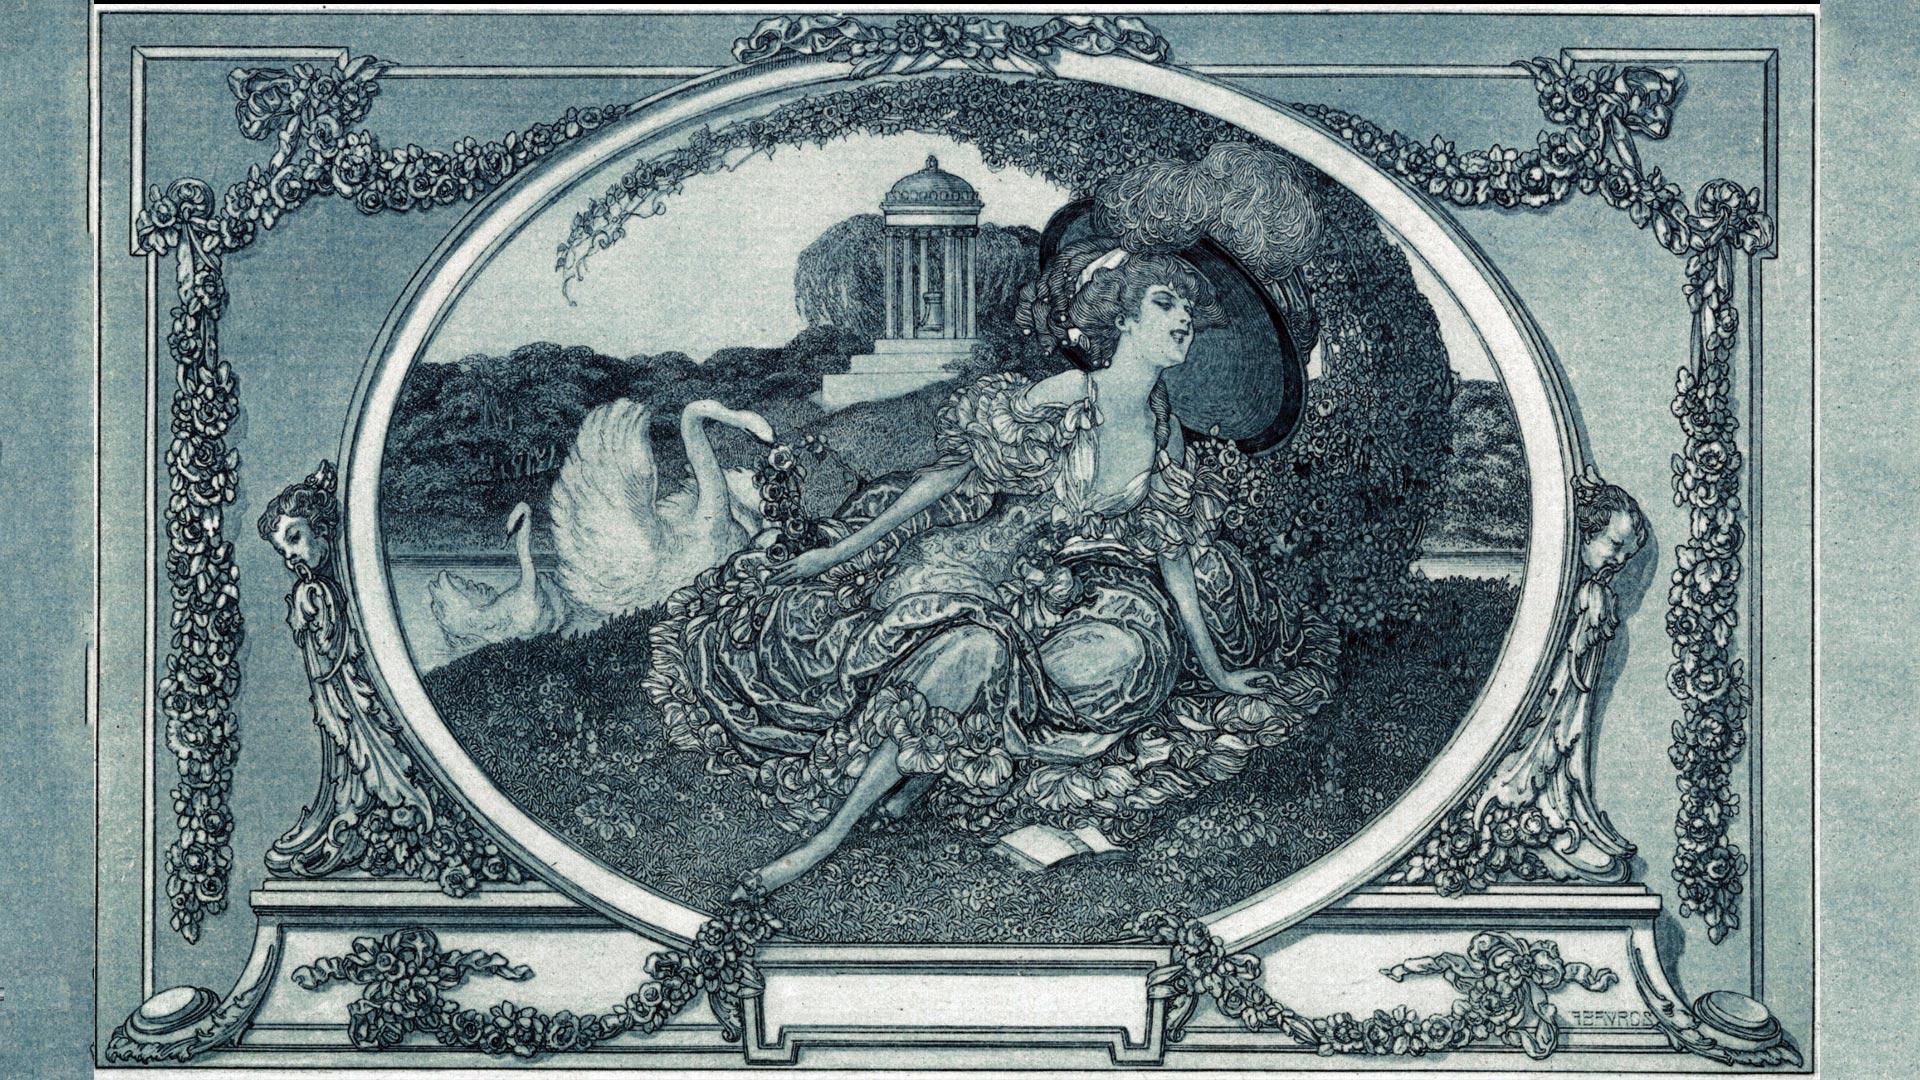 Franz von Bayros – przed wojną nie każdy był świętoszkiem